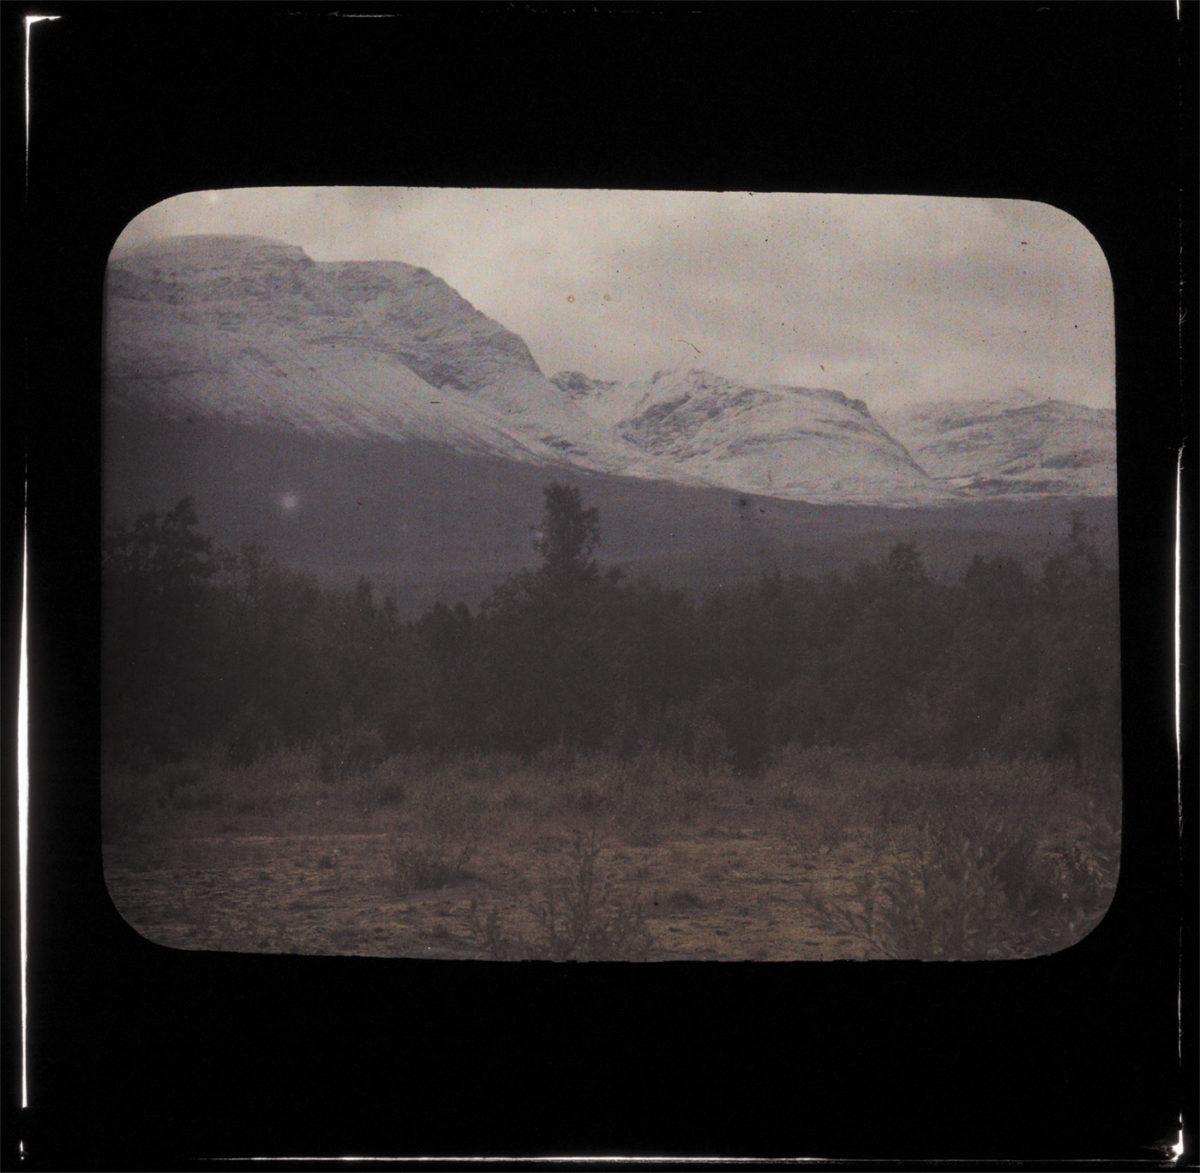 Landskapsmotiv, Målselv, Troms, 1912.